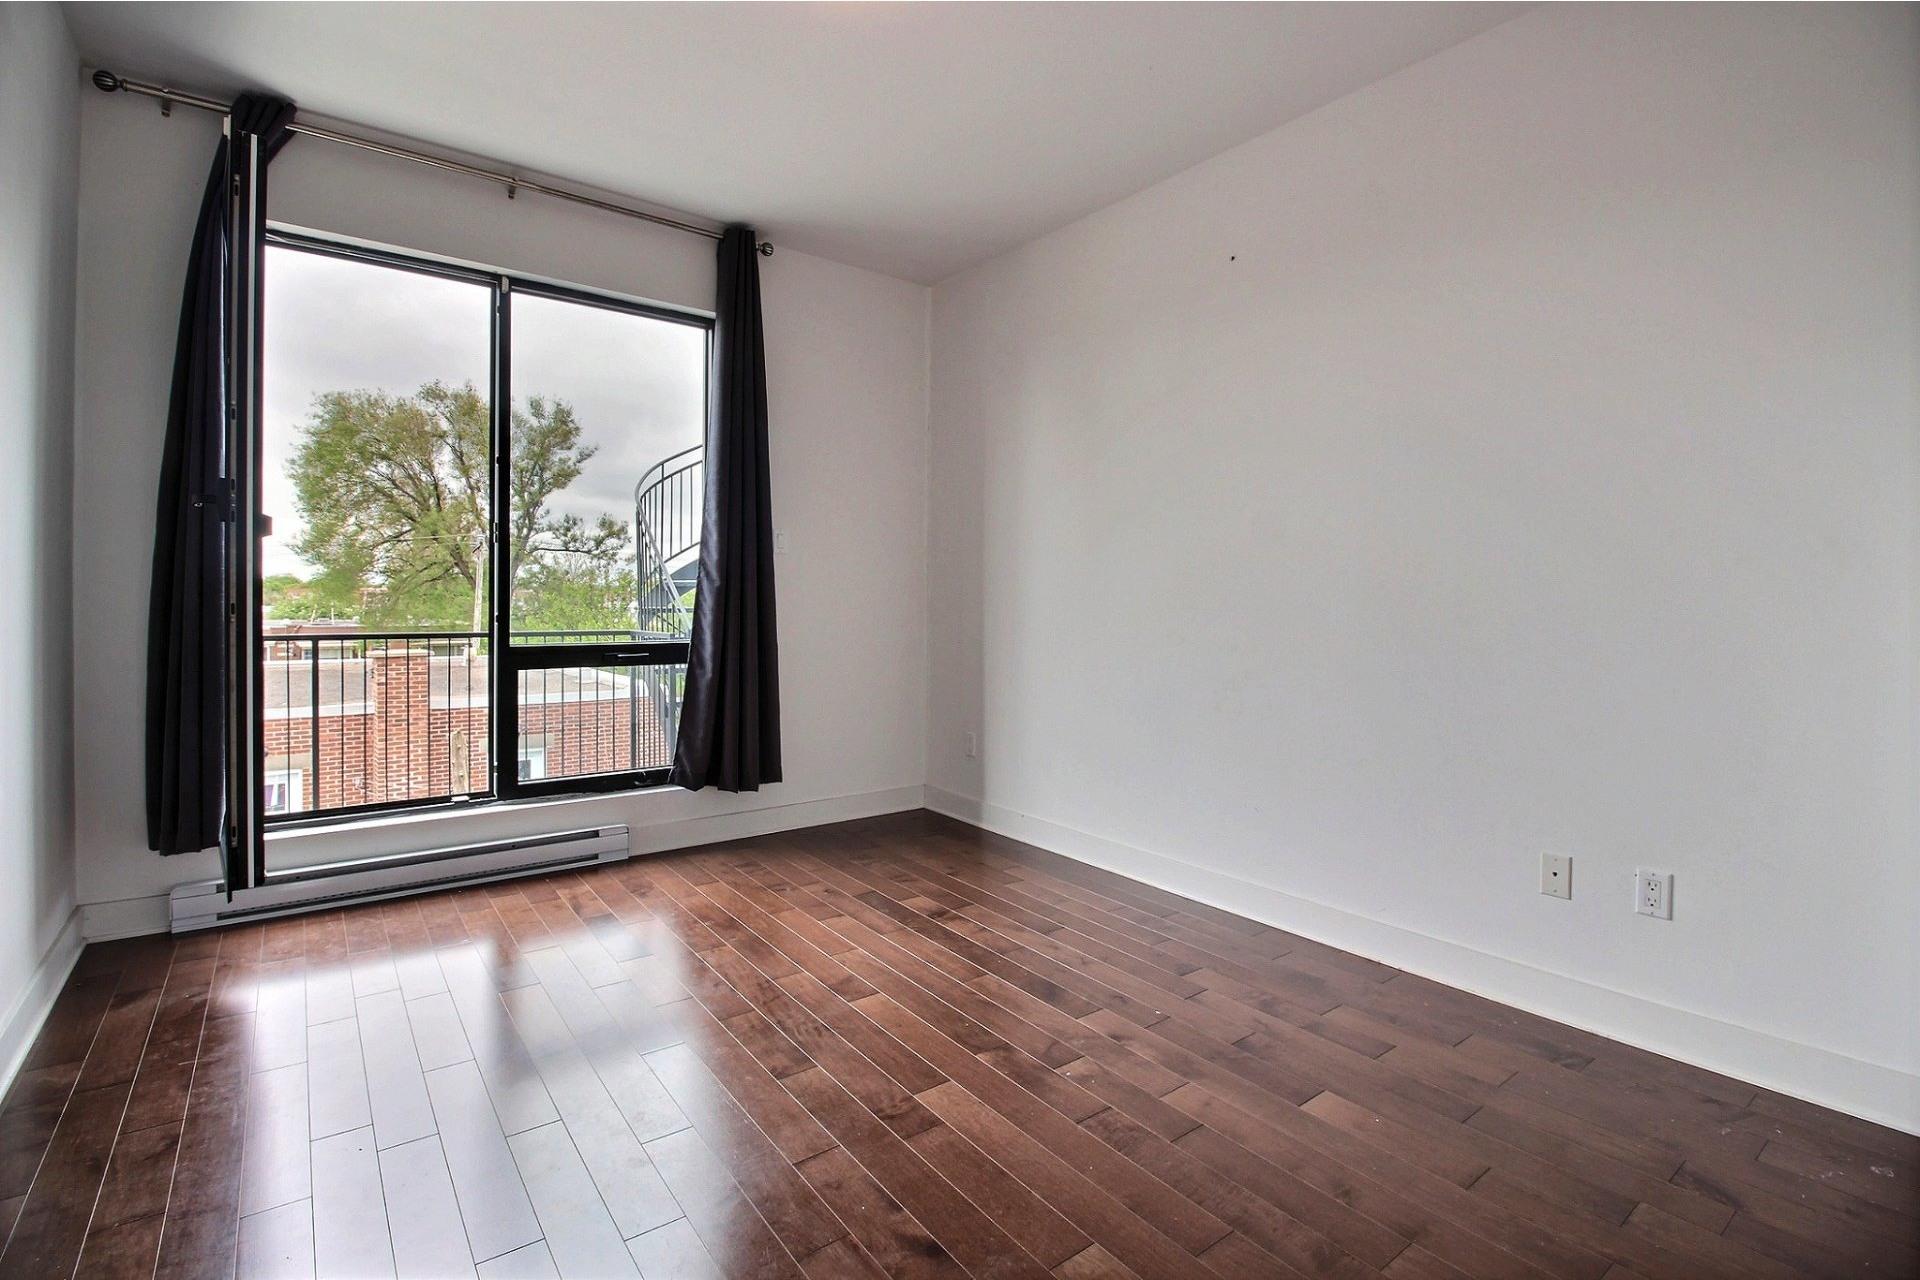 image 13 - Appartement À louer Montréal Villeray/Saint-Michel/Parc-Extension  - 6 pièces